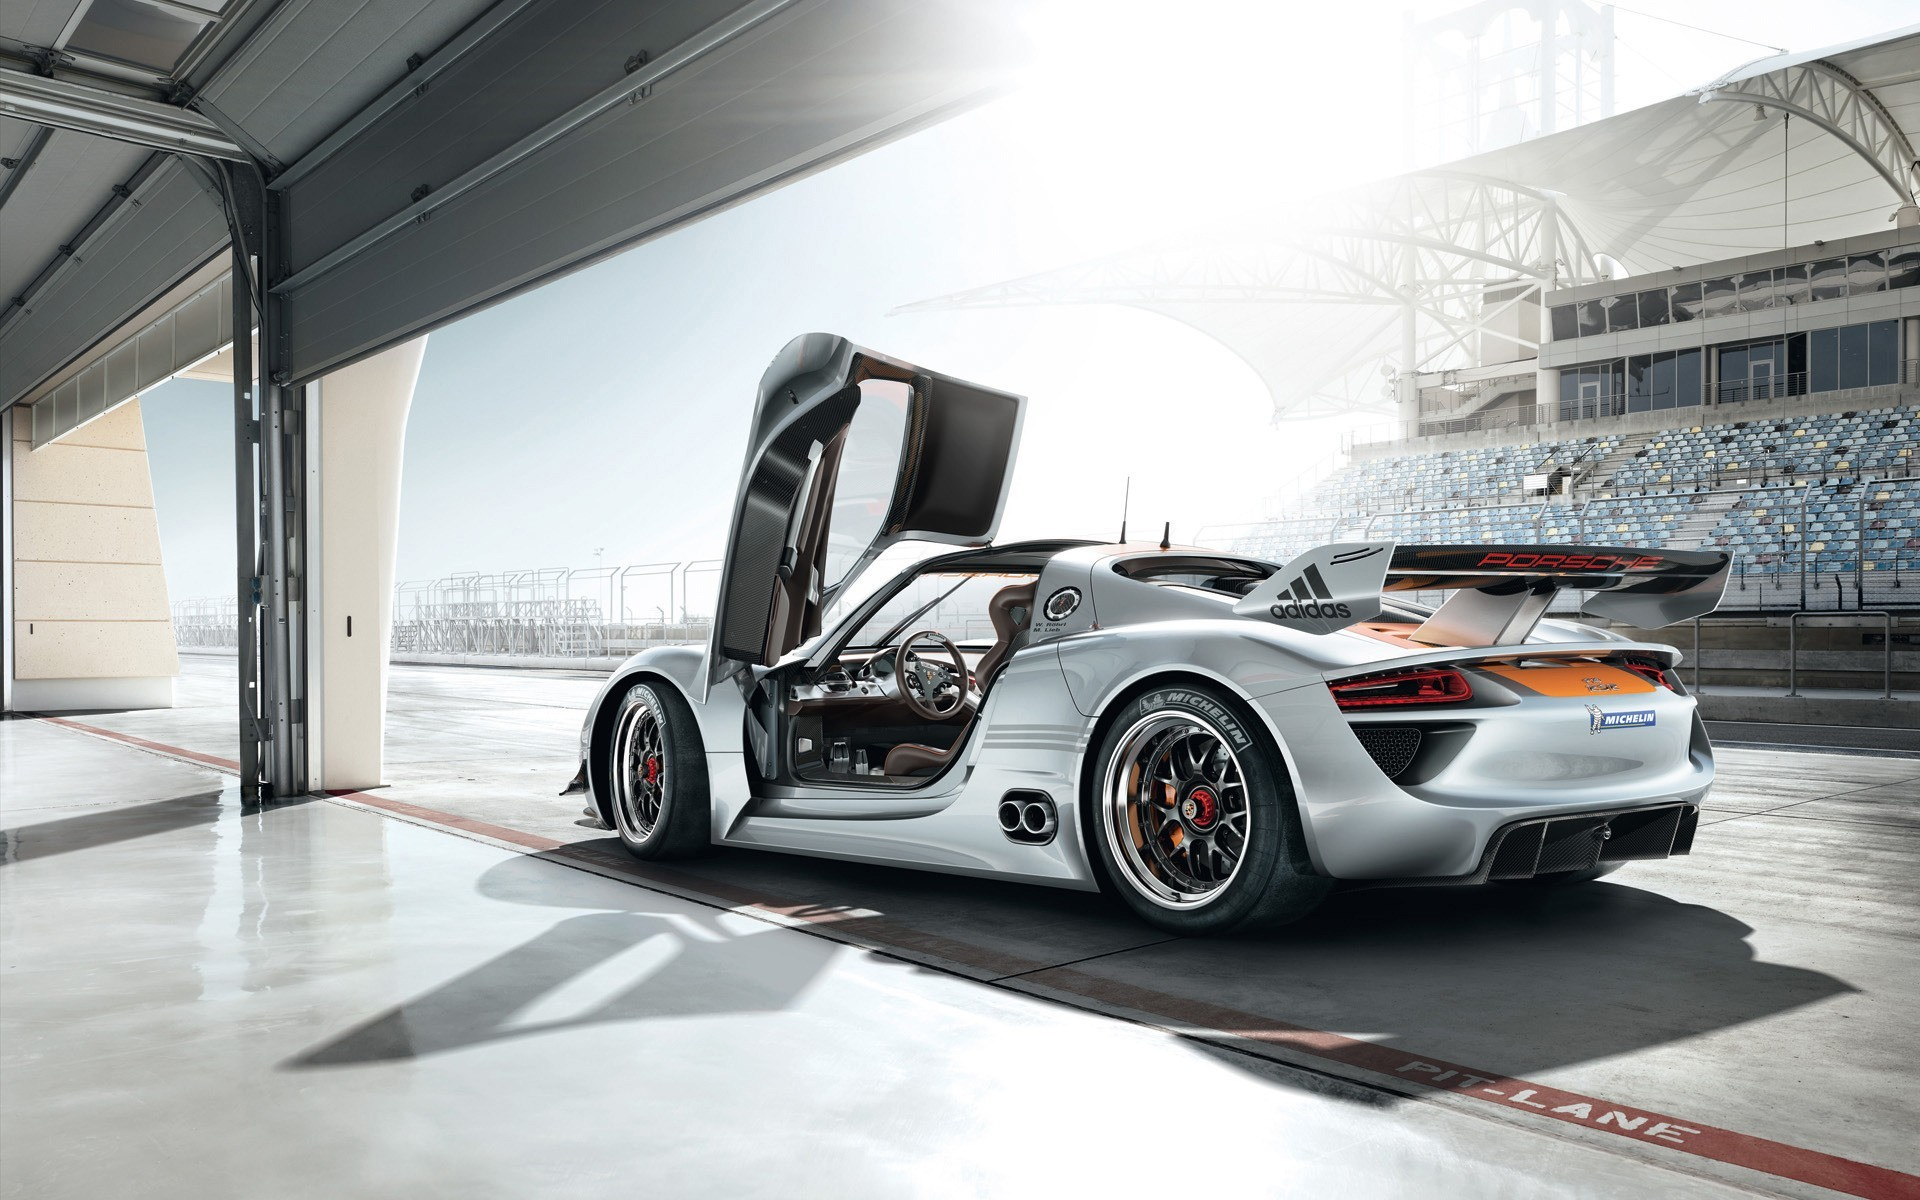 Res: 1920x1200, Tags: Super Porsche. Description: Download Porsche Super Car wallpaper ...